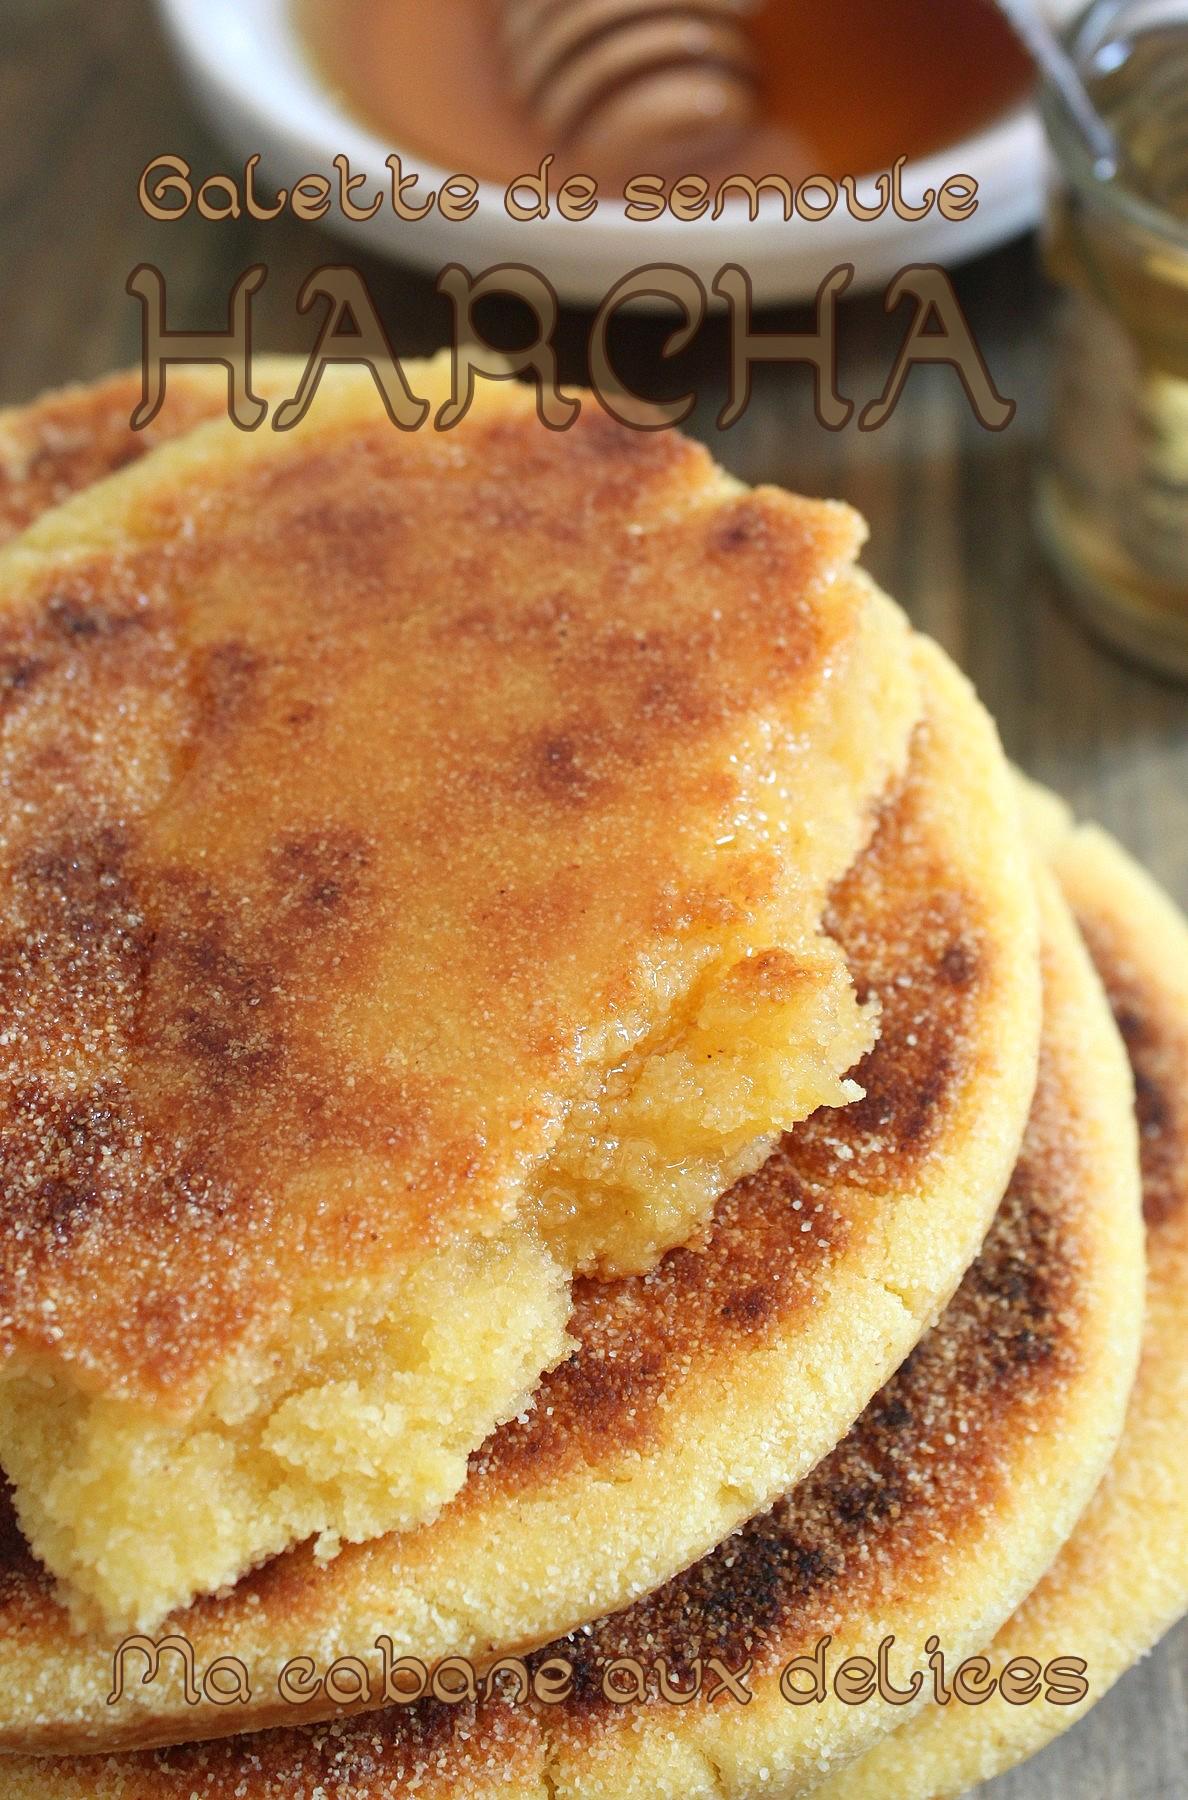 Harcha galette de semoule marocaine | La cuisine de Djouza